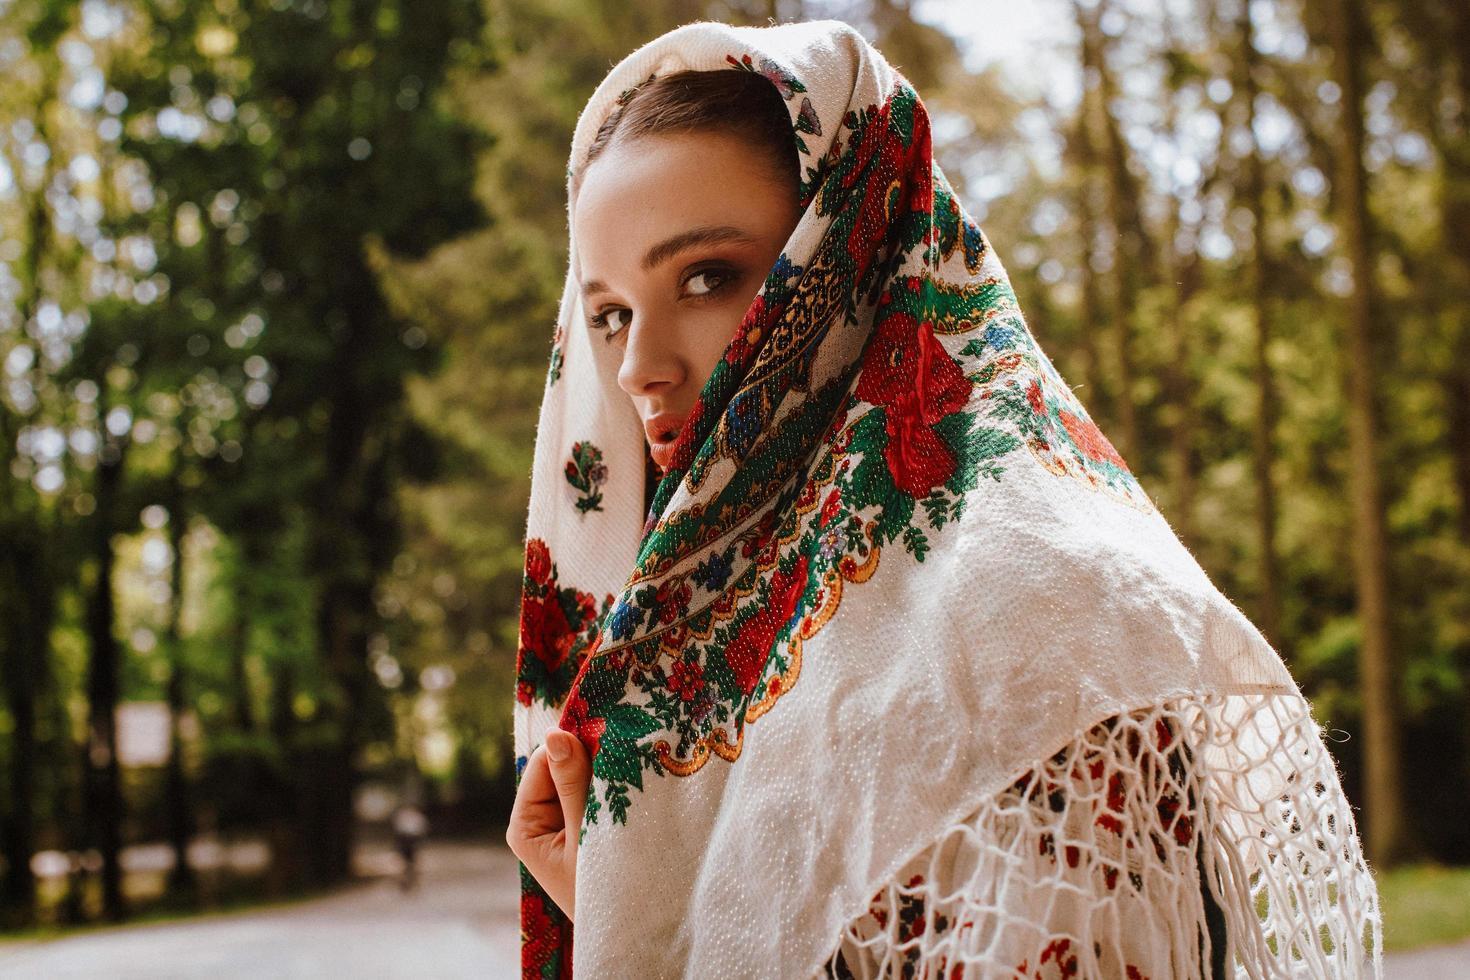 aantrekkelijk meisje in borduurjurk foto